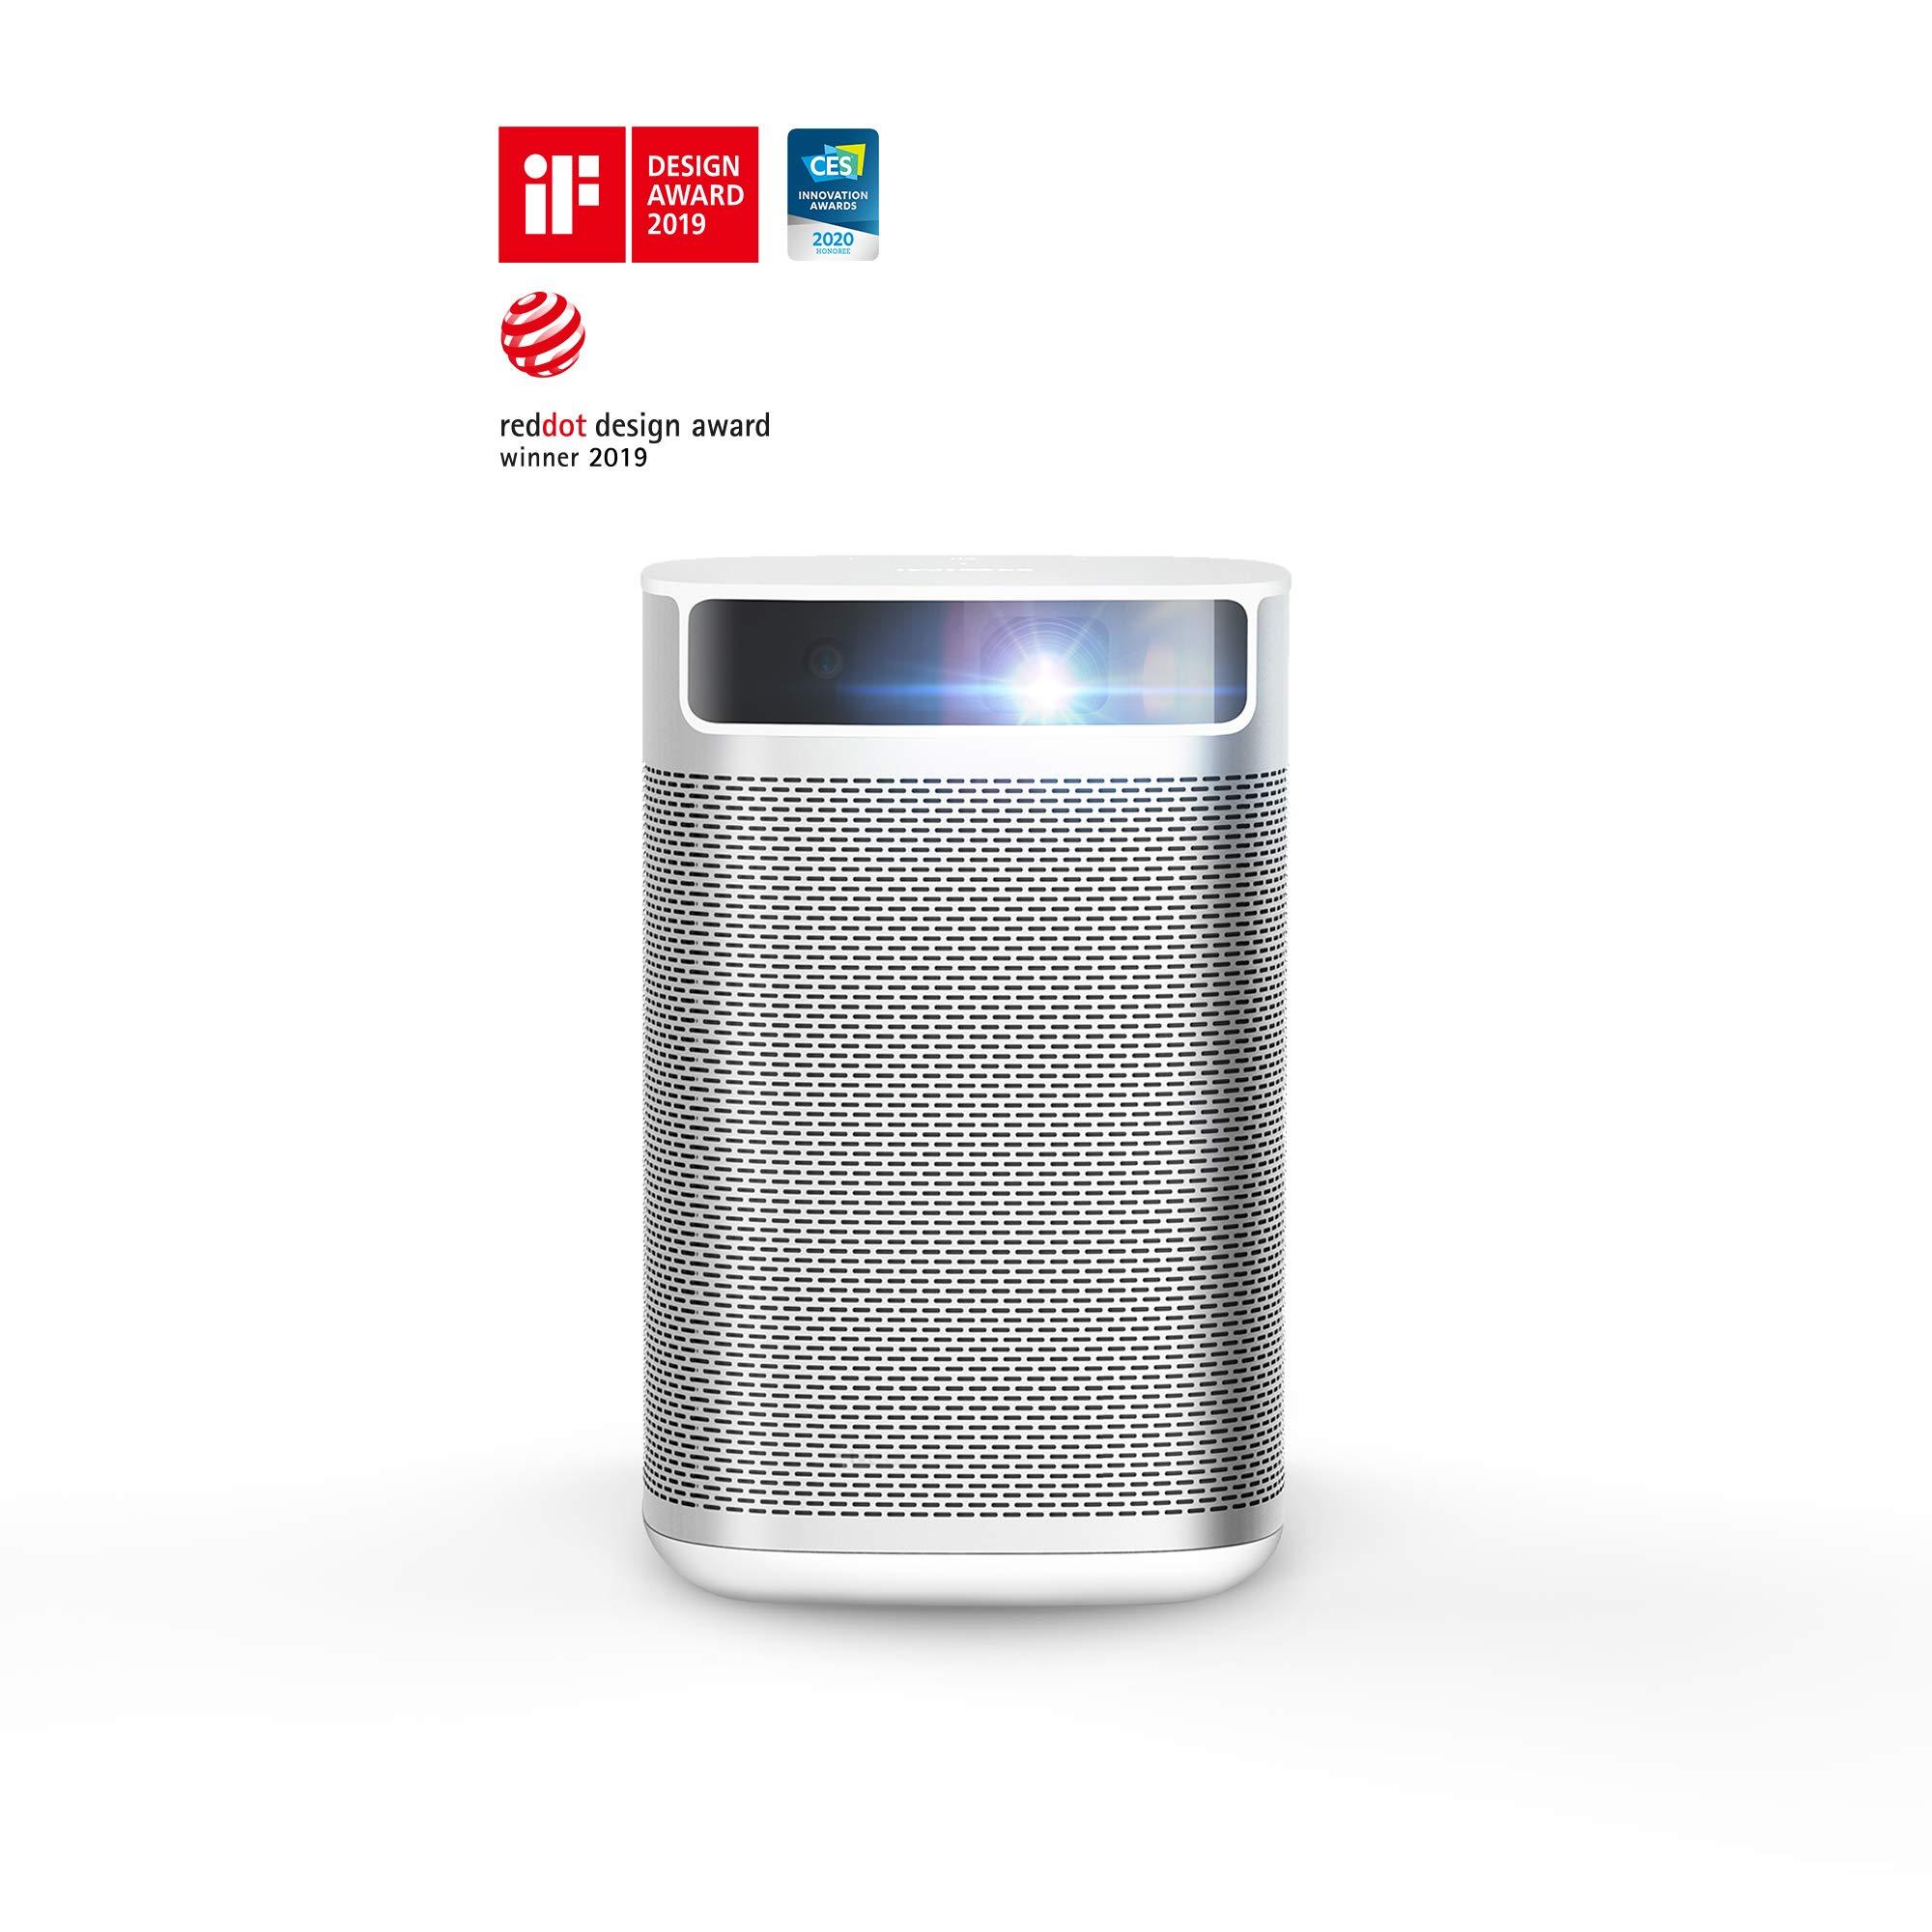 XGIMI MOGO proyector portatil Intelligente, 210 ANSI Lumen, Proyector LED, Mini proyector con Android TV 9.0, Youtube y más de 4000 Aplicaciones lección en línea: Amazon.es: Electrónica